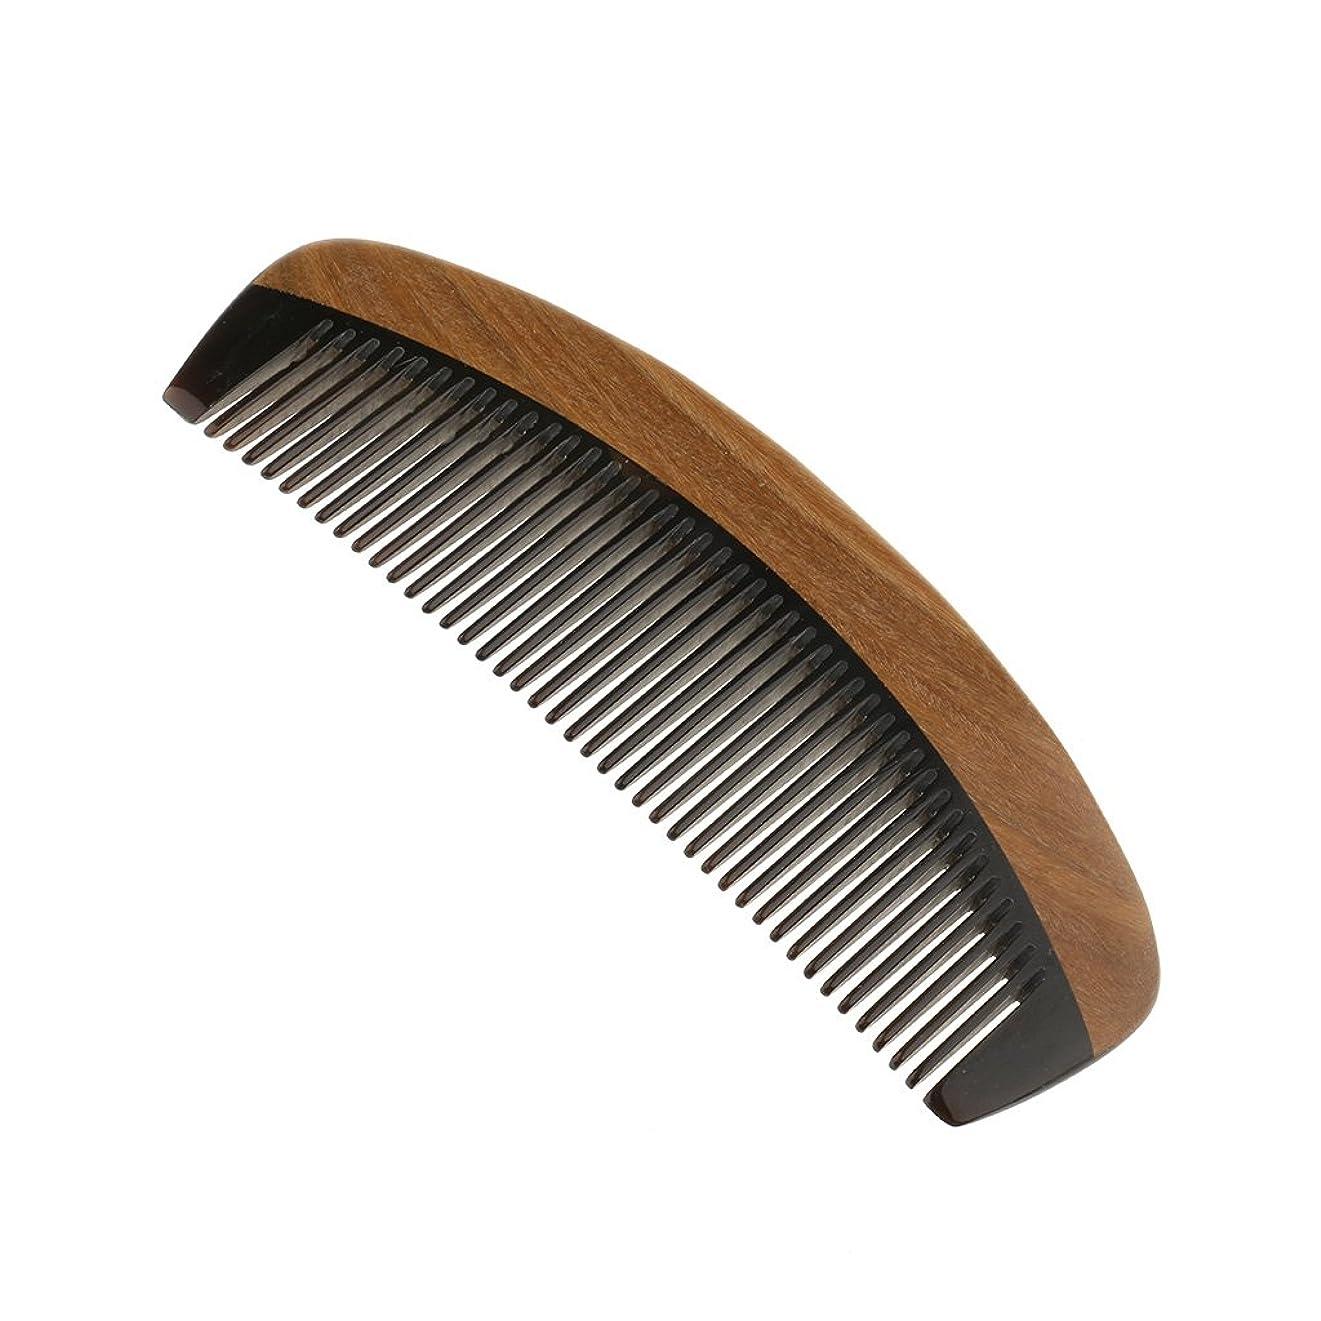 潜在的なファランクス三角形Homyl ウッドコーム 櫛 木製 ハンドメイド 静電気防止 高品質 マッサージ リラックス 便利